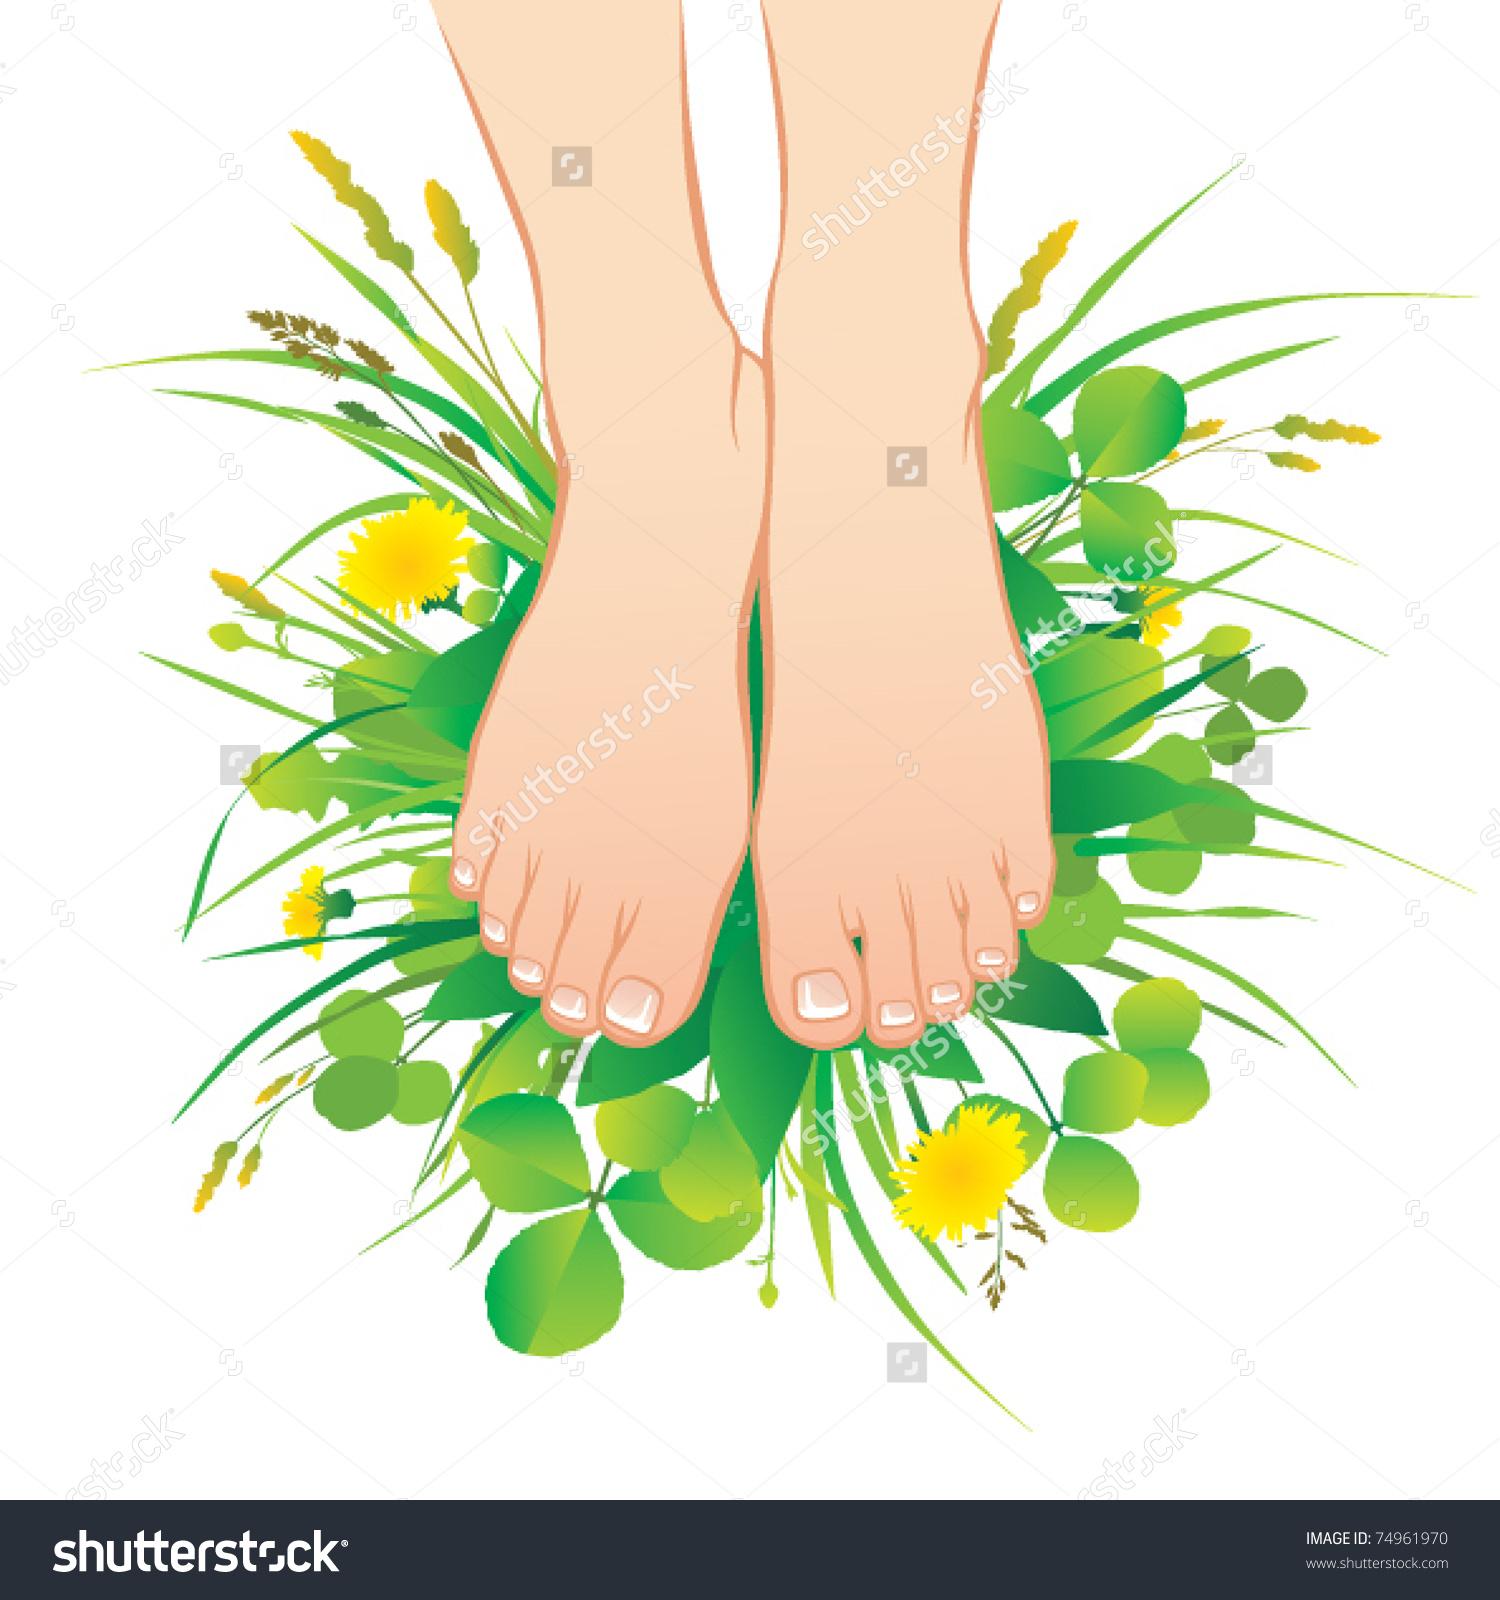 Feet grass clipart.